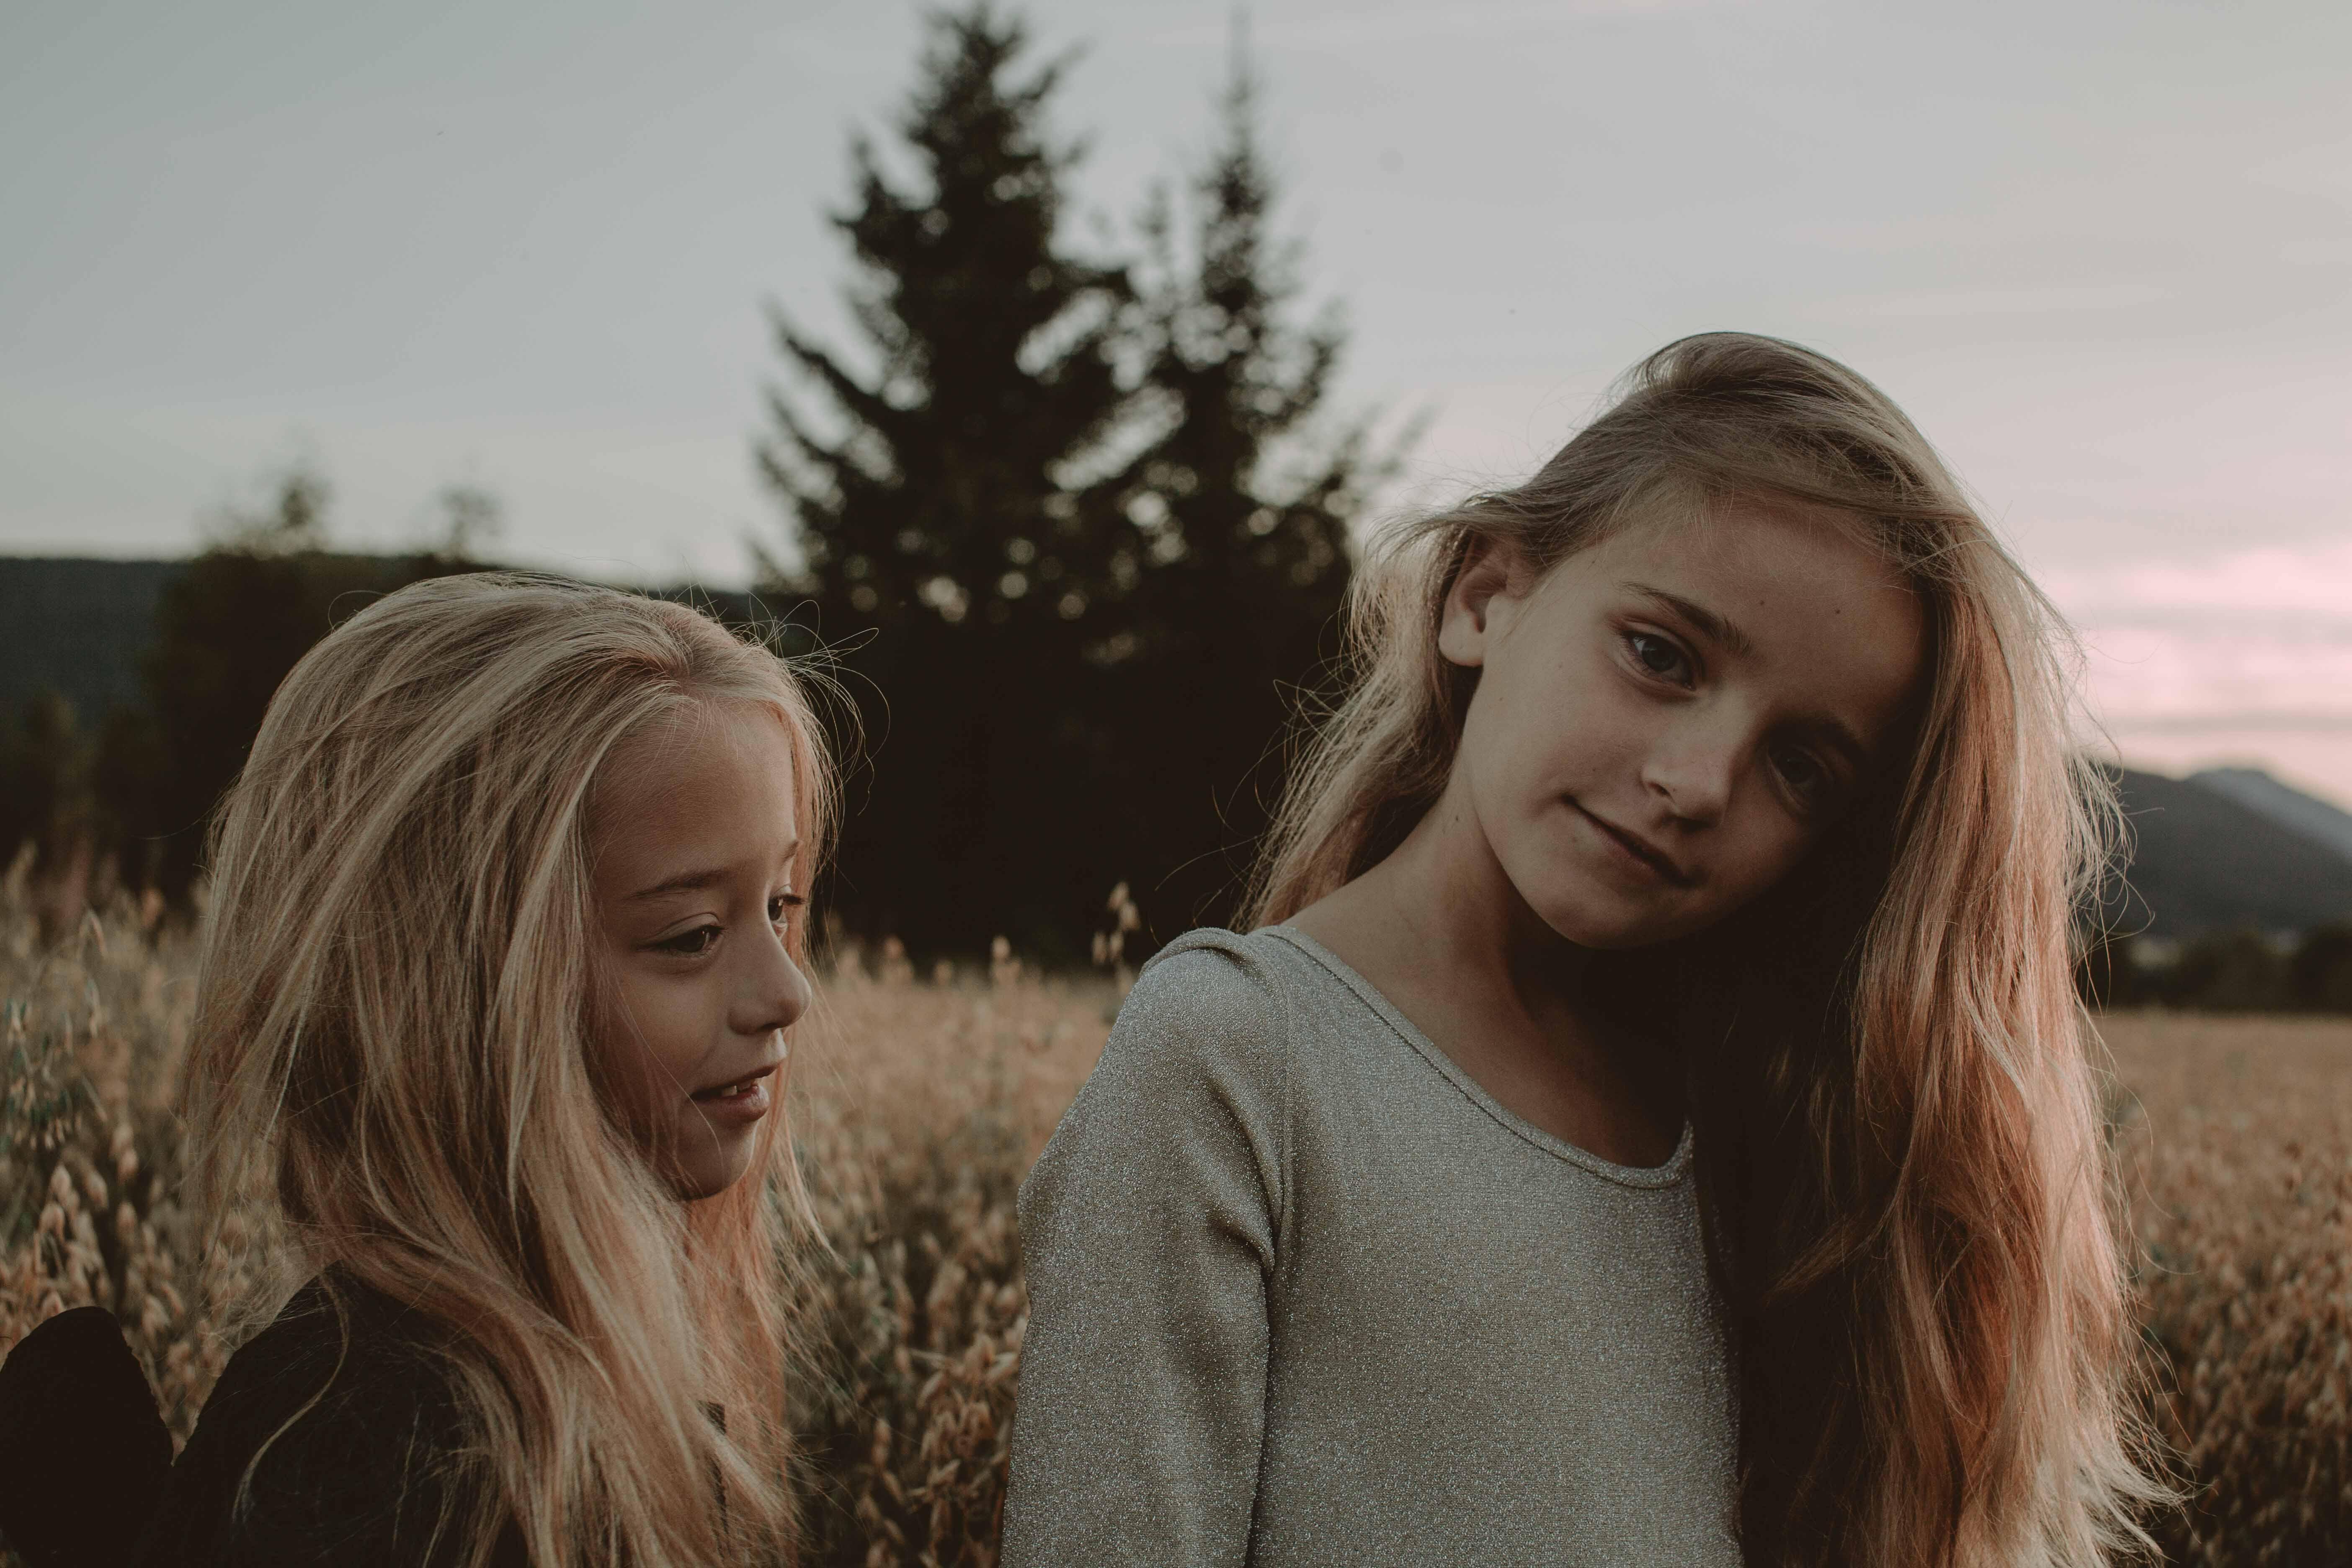 LEAH + JENNY